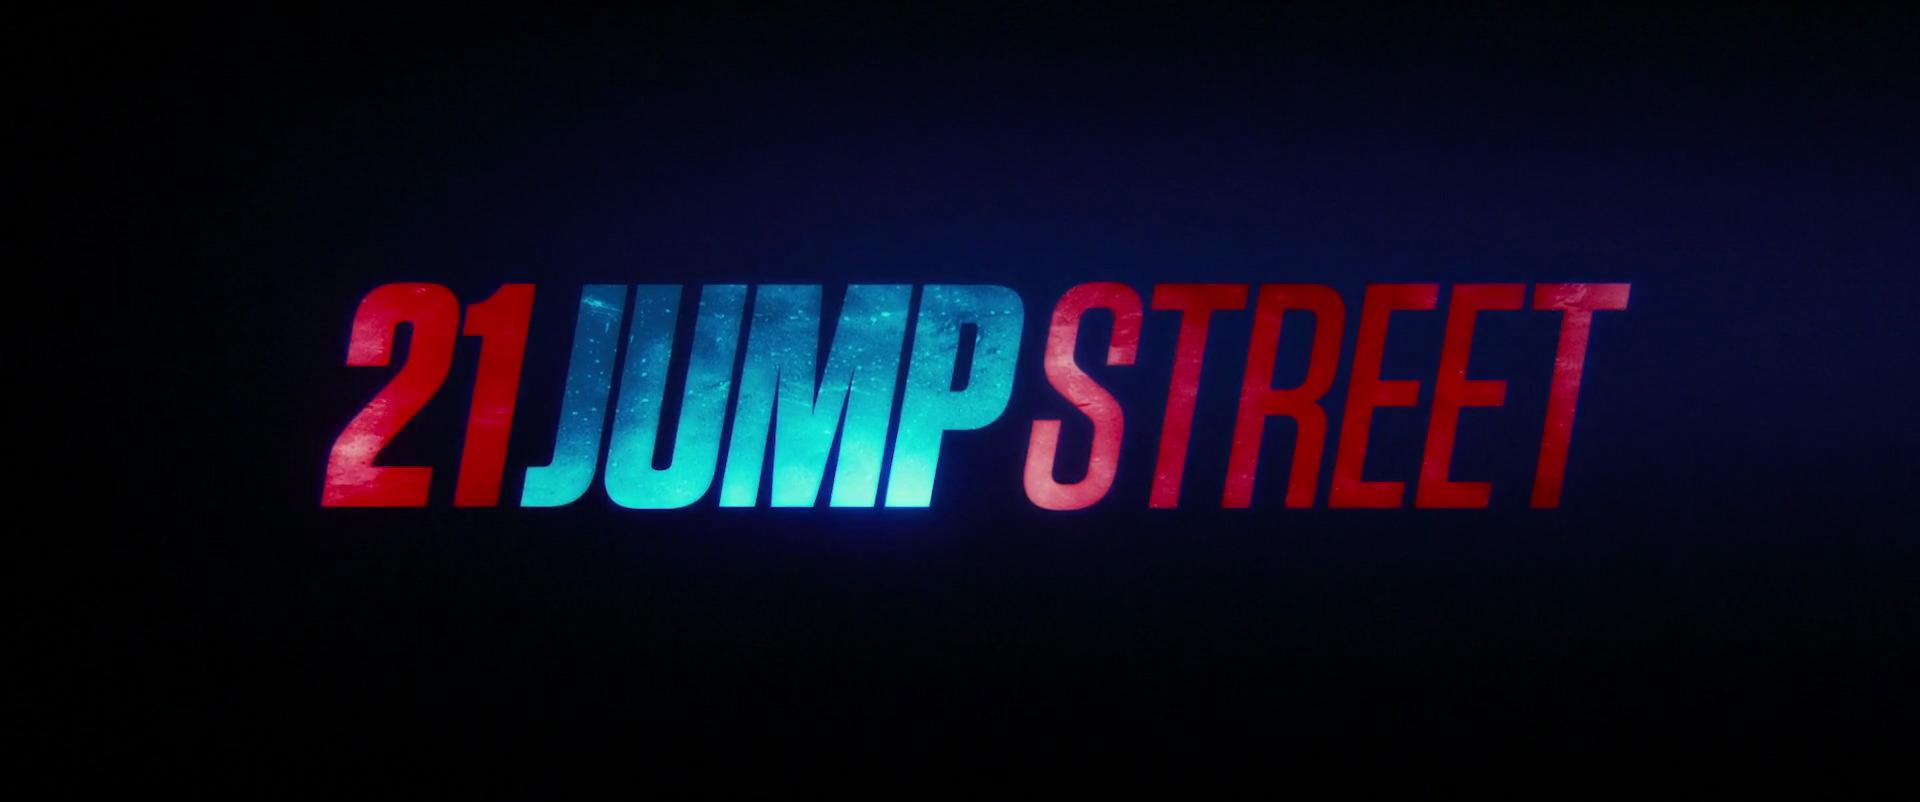 21 jumpstreet movie soundtrack zip